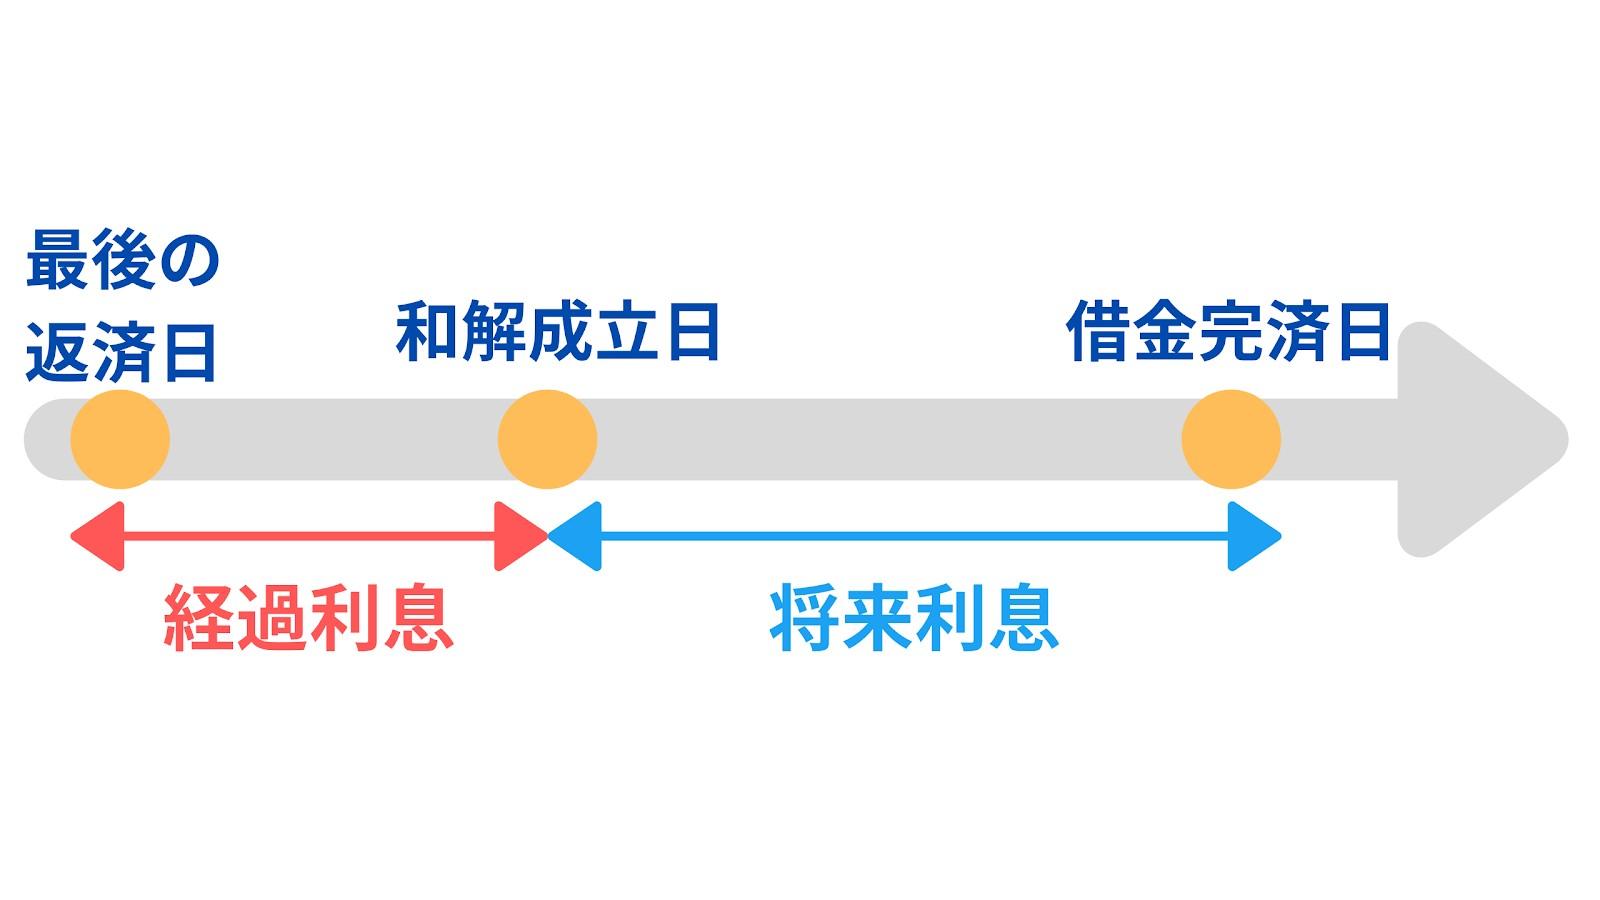 経過利息とは和解成立までに発生した利息、将来利息とは和解成立後に発生する利息です。